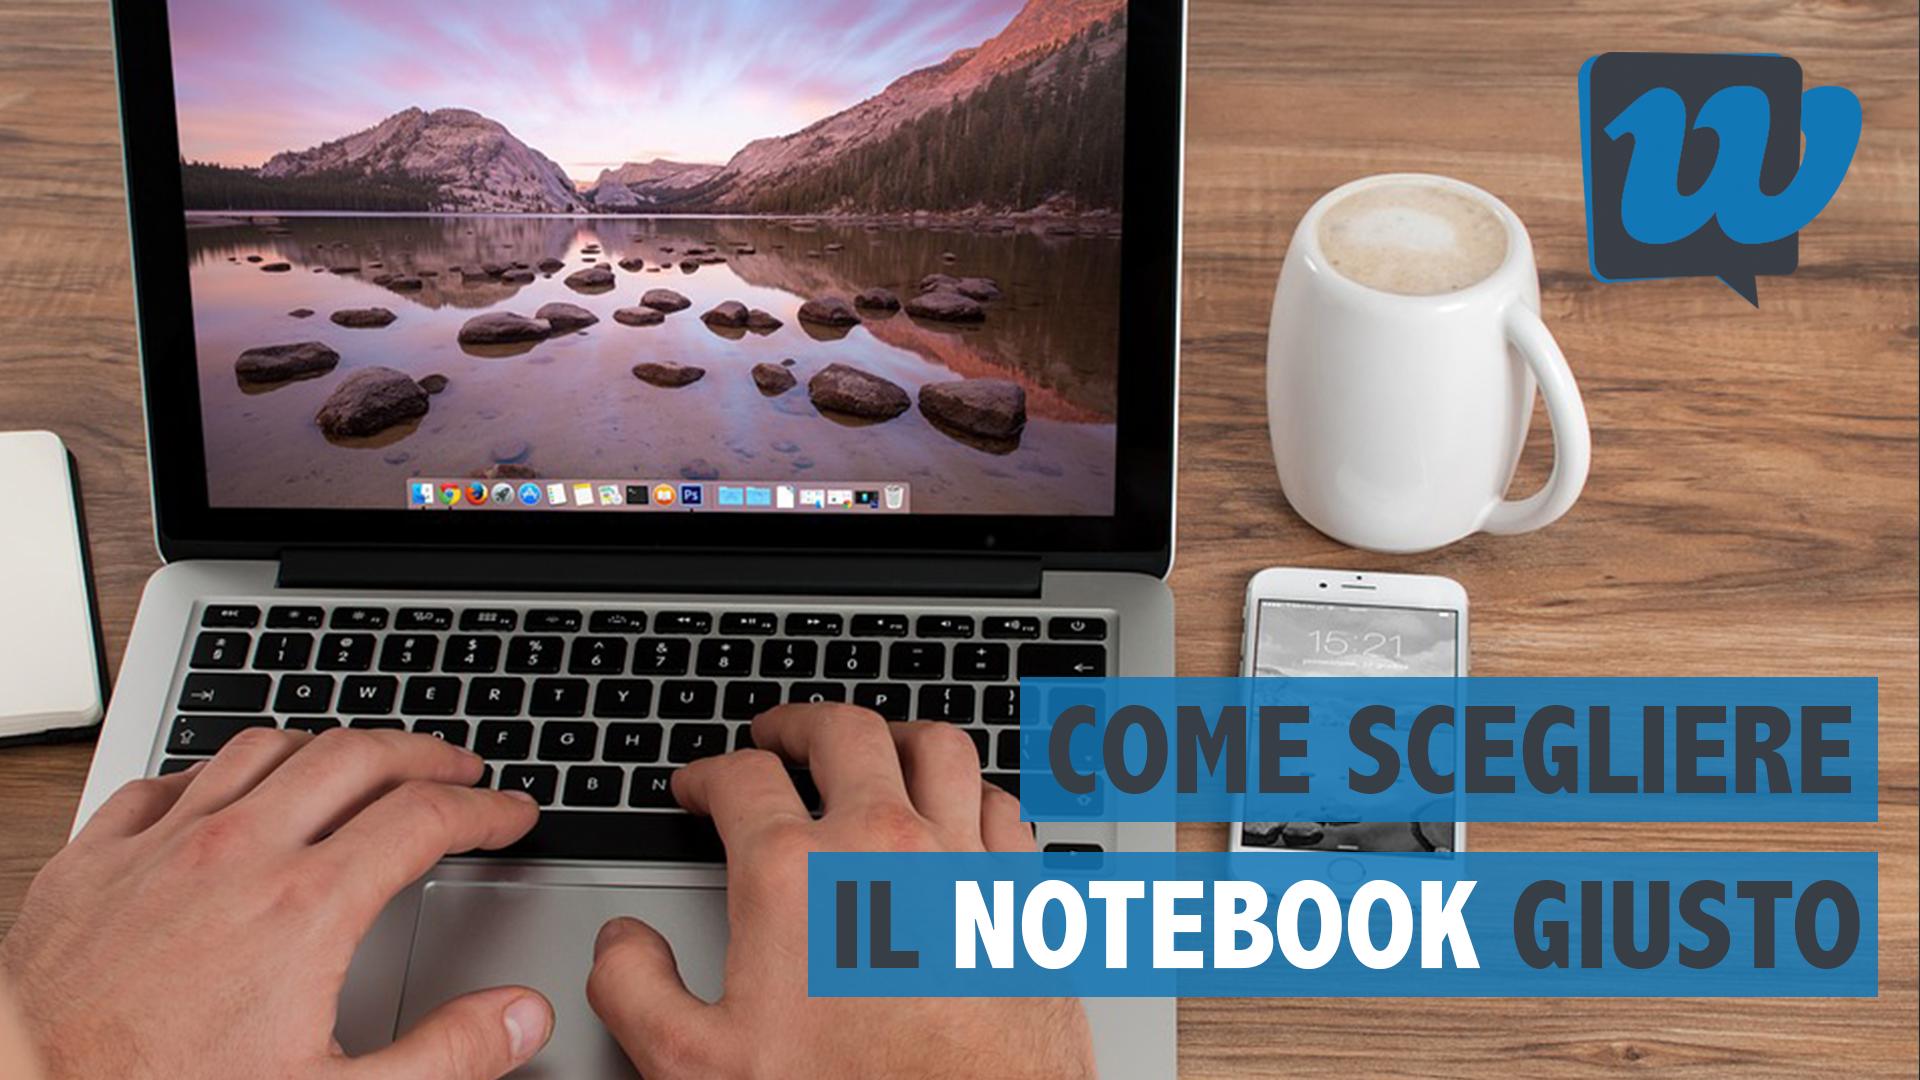 Come scegliere un notebook nel 2020: tutti i consigli